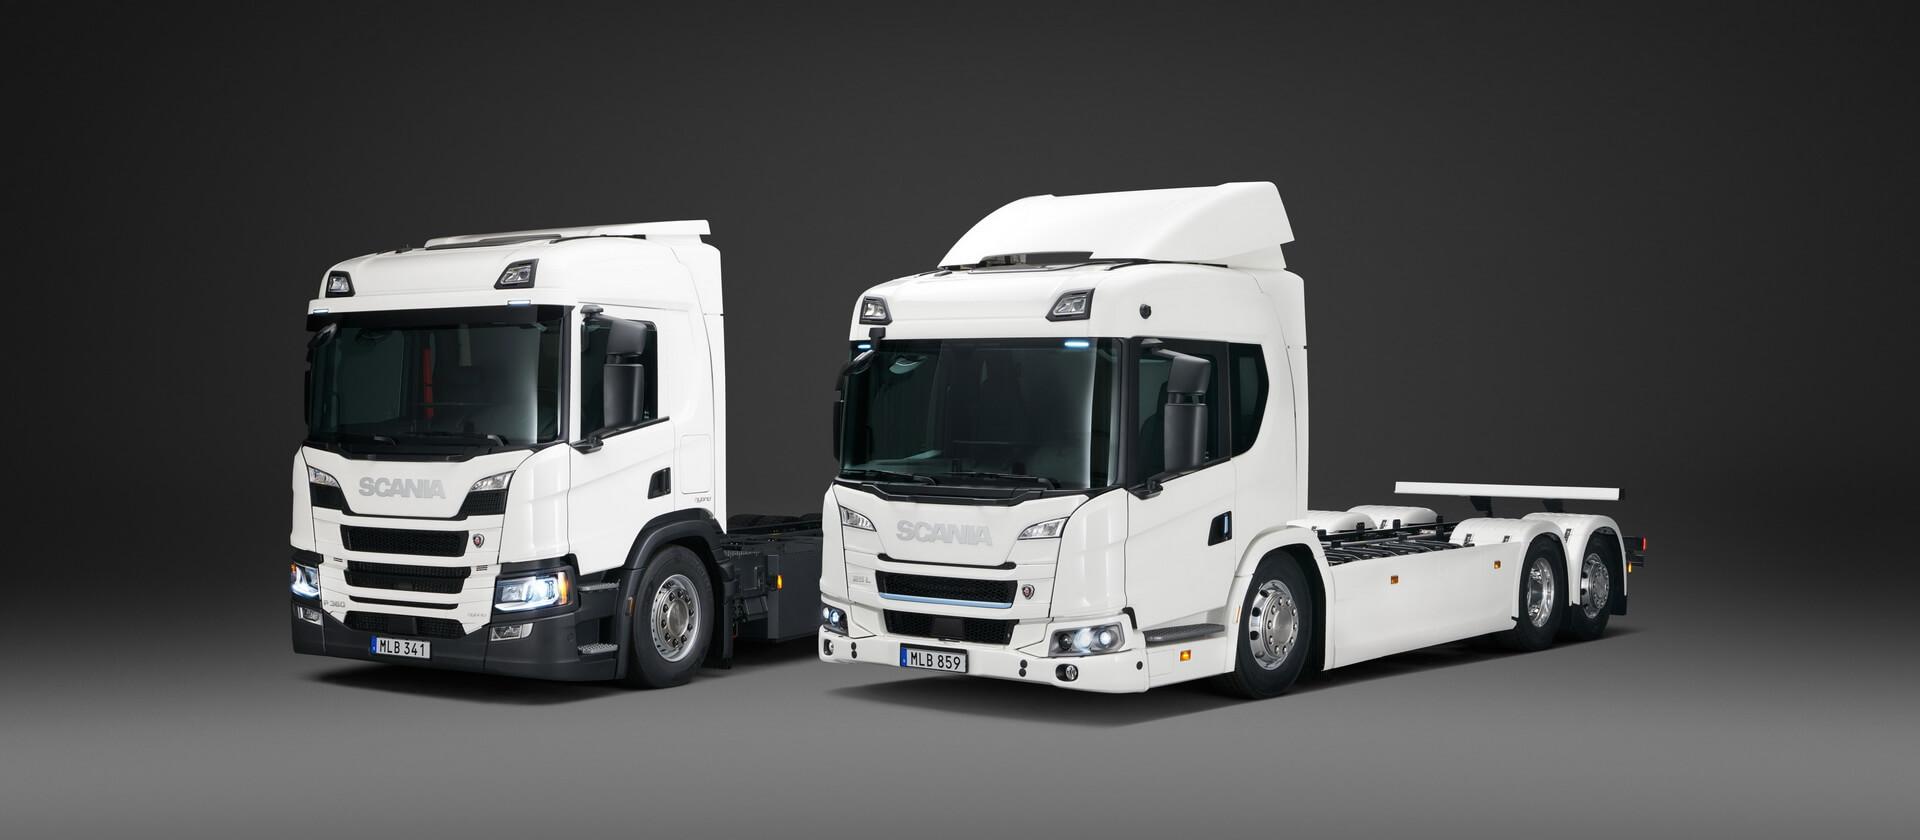 Плагин-гибридный (слева) и полностью электрический грузовик Scania